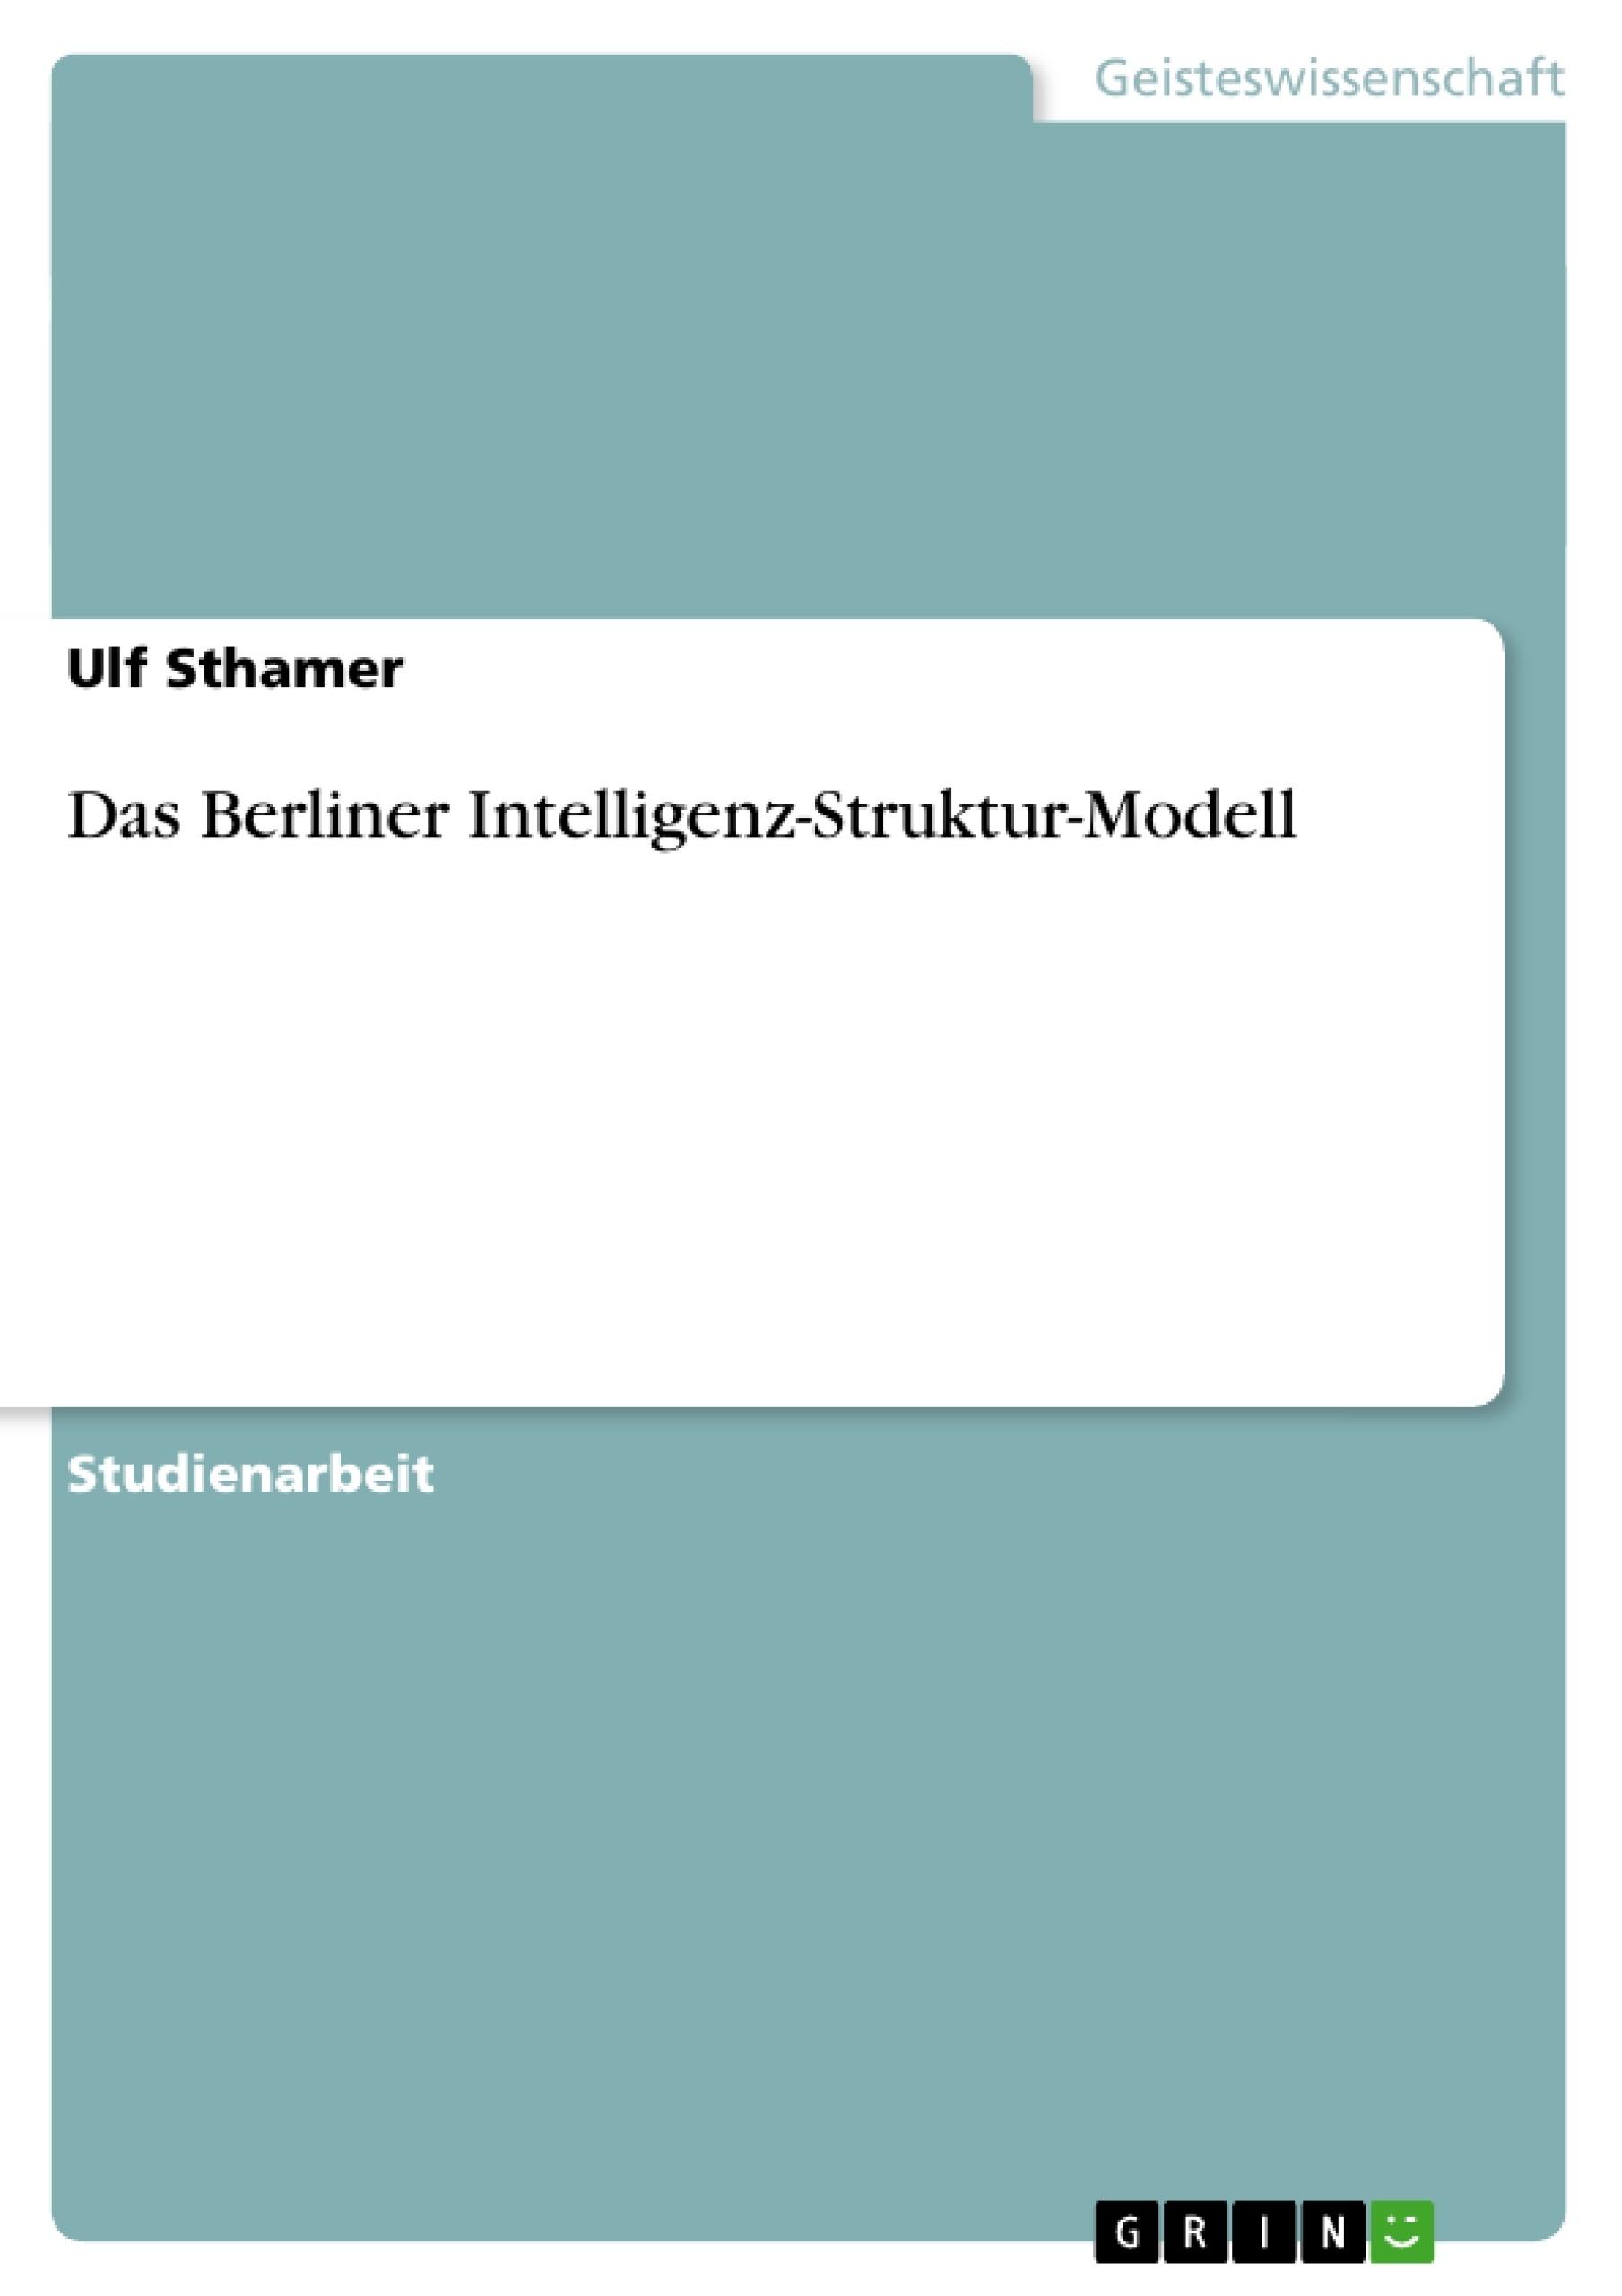 Titel: Das Berliner Intelligenz-Struktur-Modell